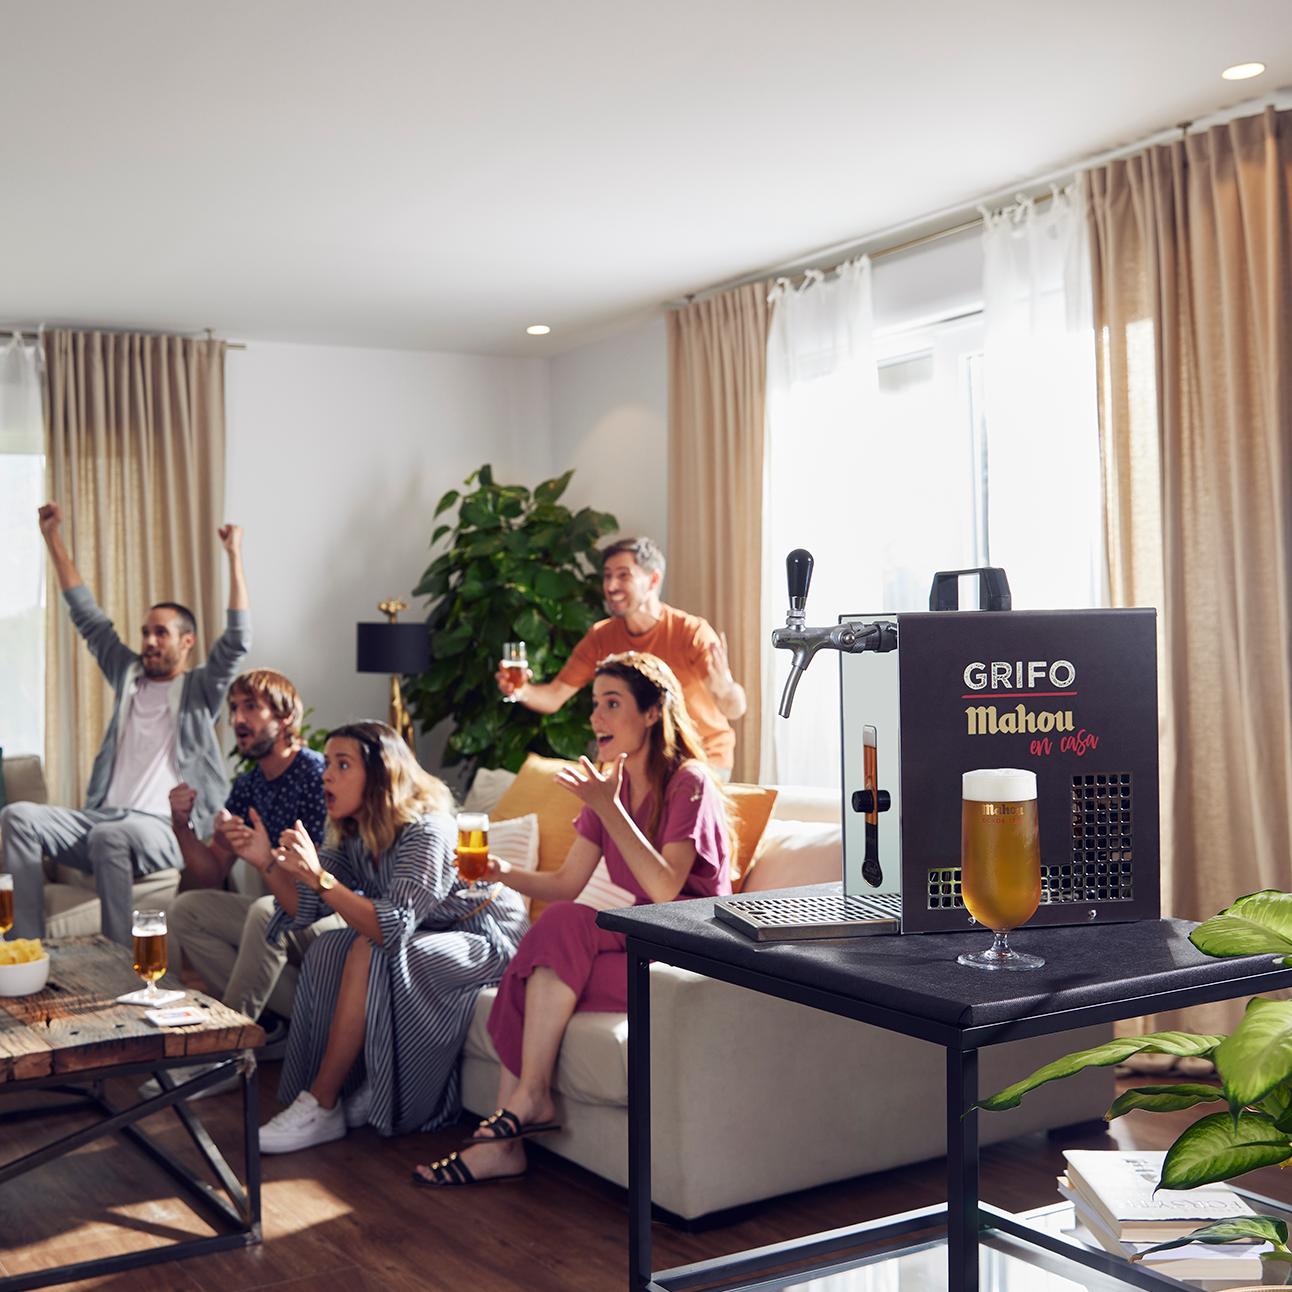 Gente disfrutando en casa de su grifo Mahou